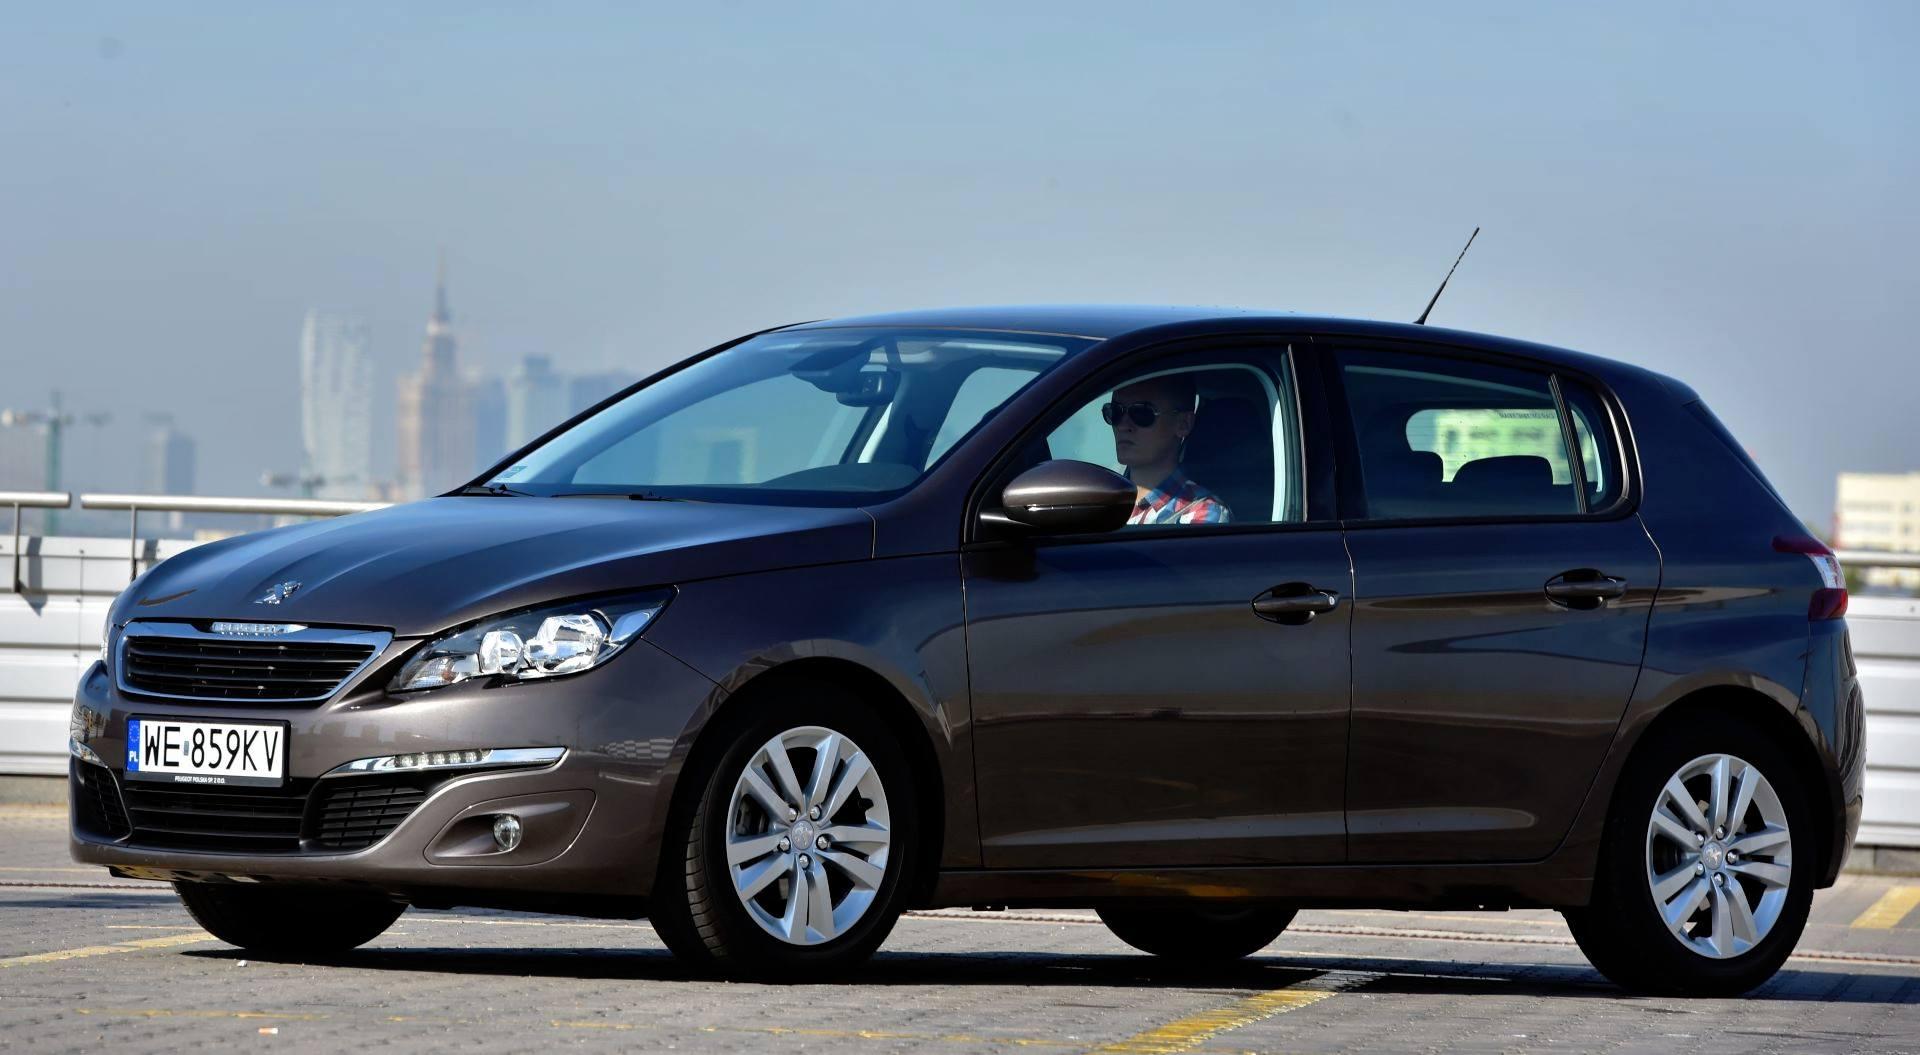 Wspaniały Używany Peugeot 308 II (od 2013 r.) - OPINIE SB72